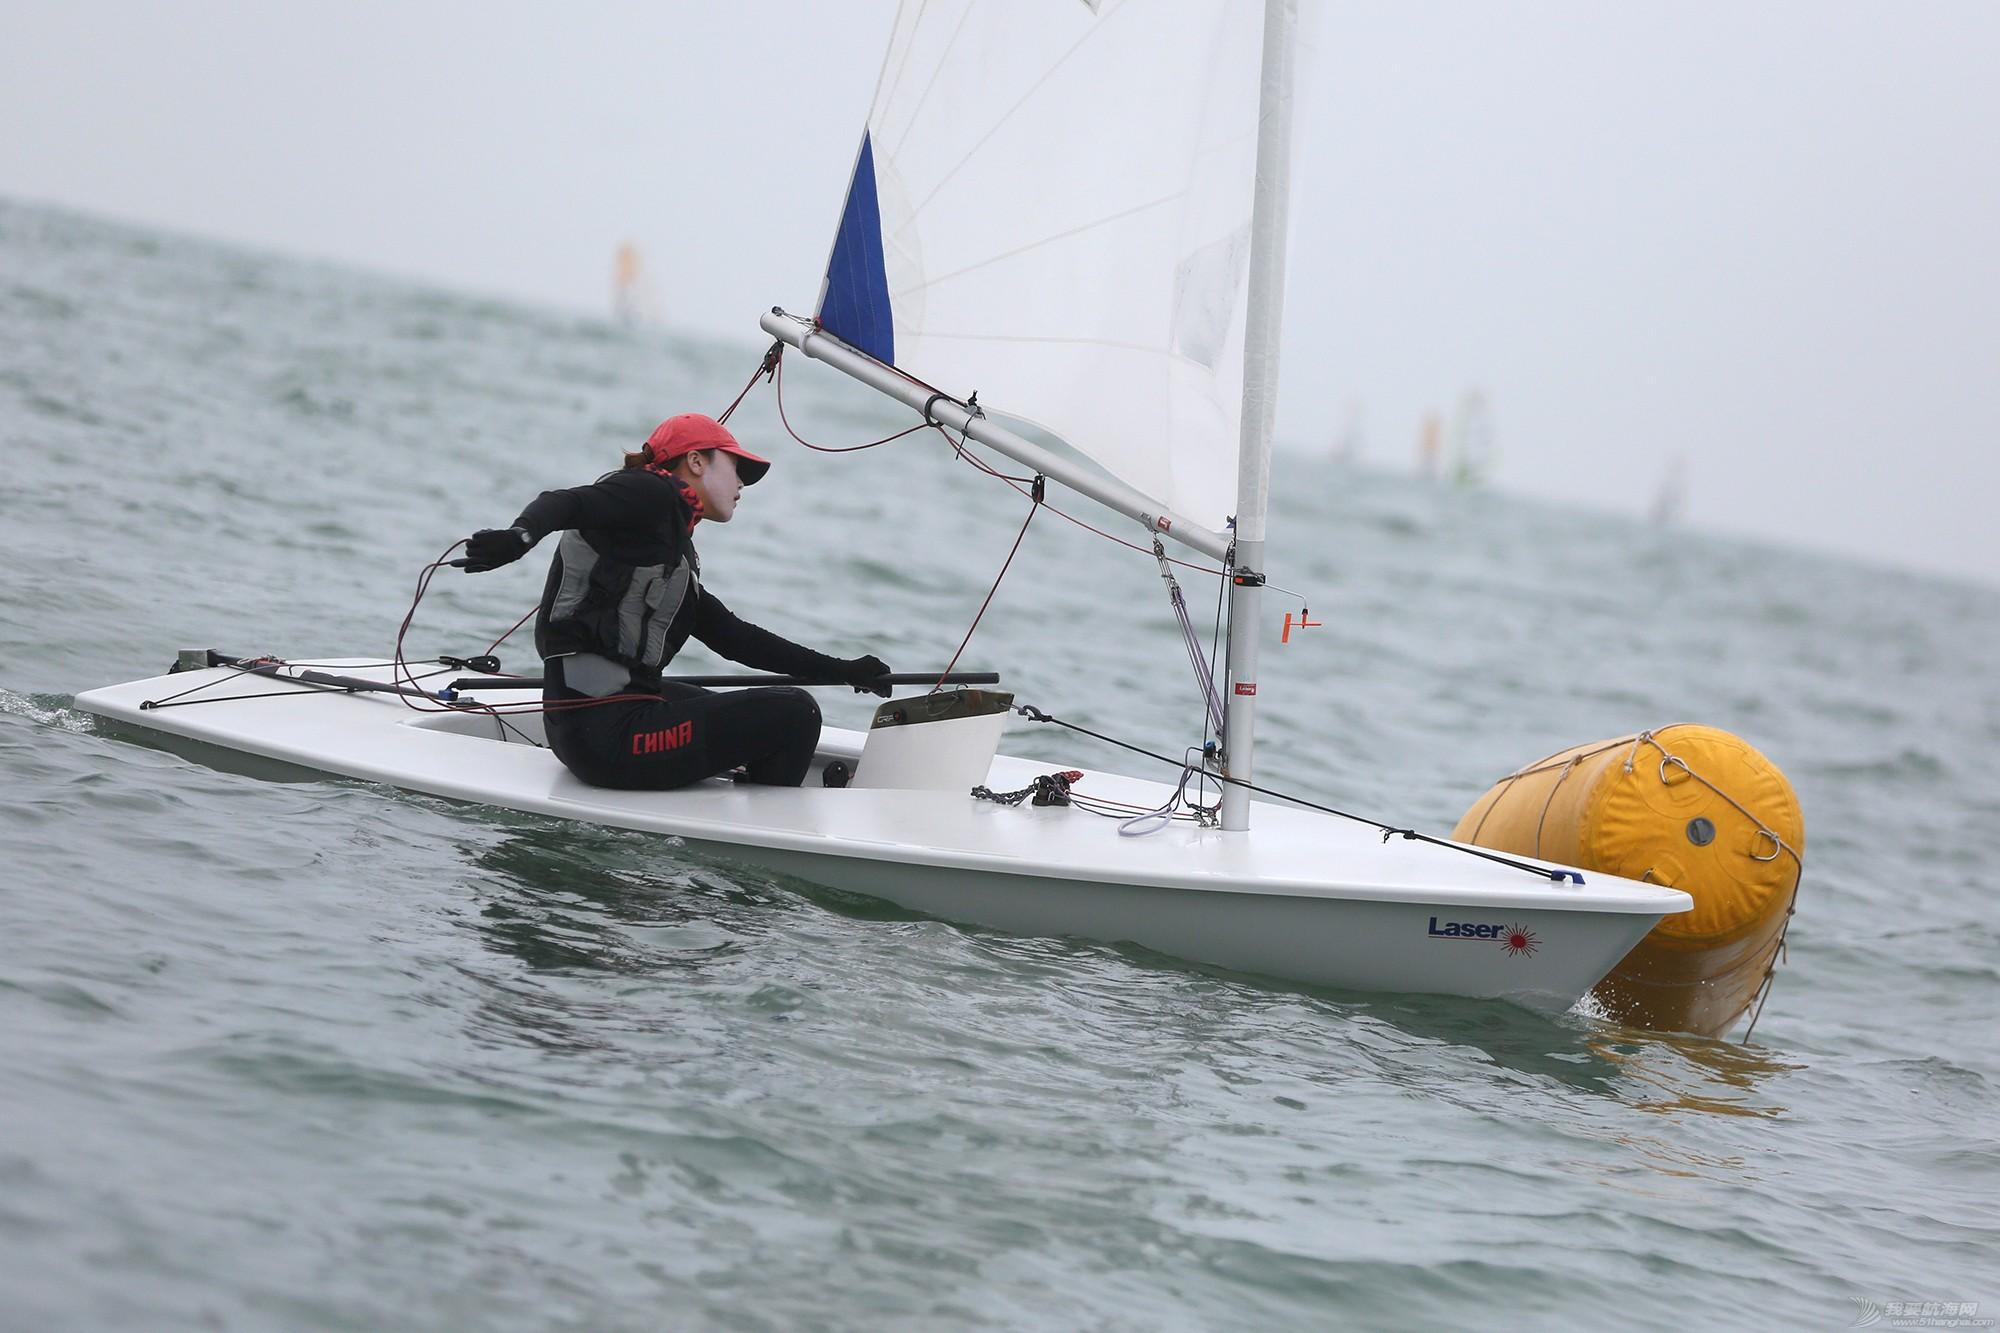 山东省,运动员,冠军赛,天气,帆板 风生水起,怎奈个个都是浪里白条——山东省帆船帆板冠军赛第二天赛况 5V8A2958副本.jpg